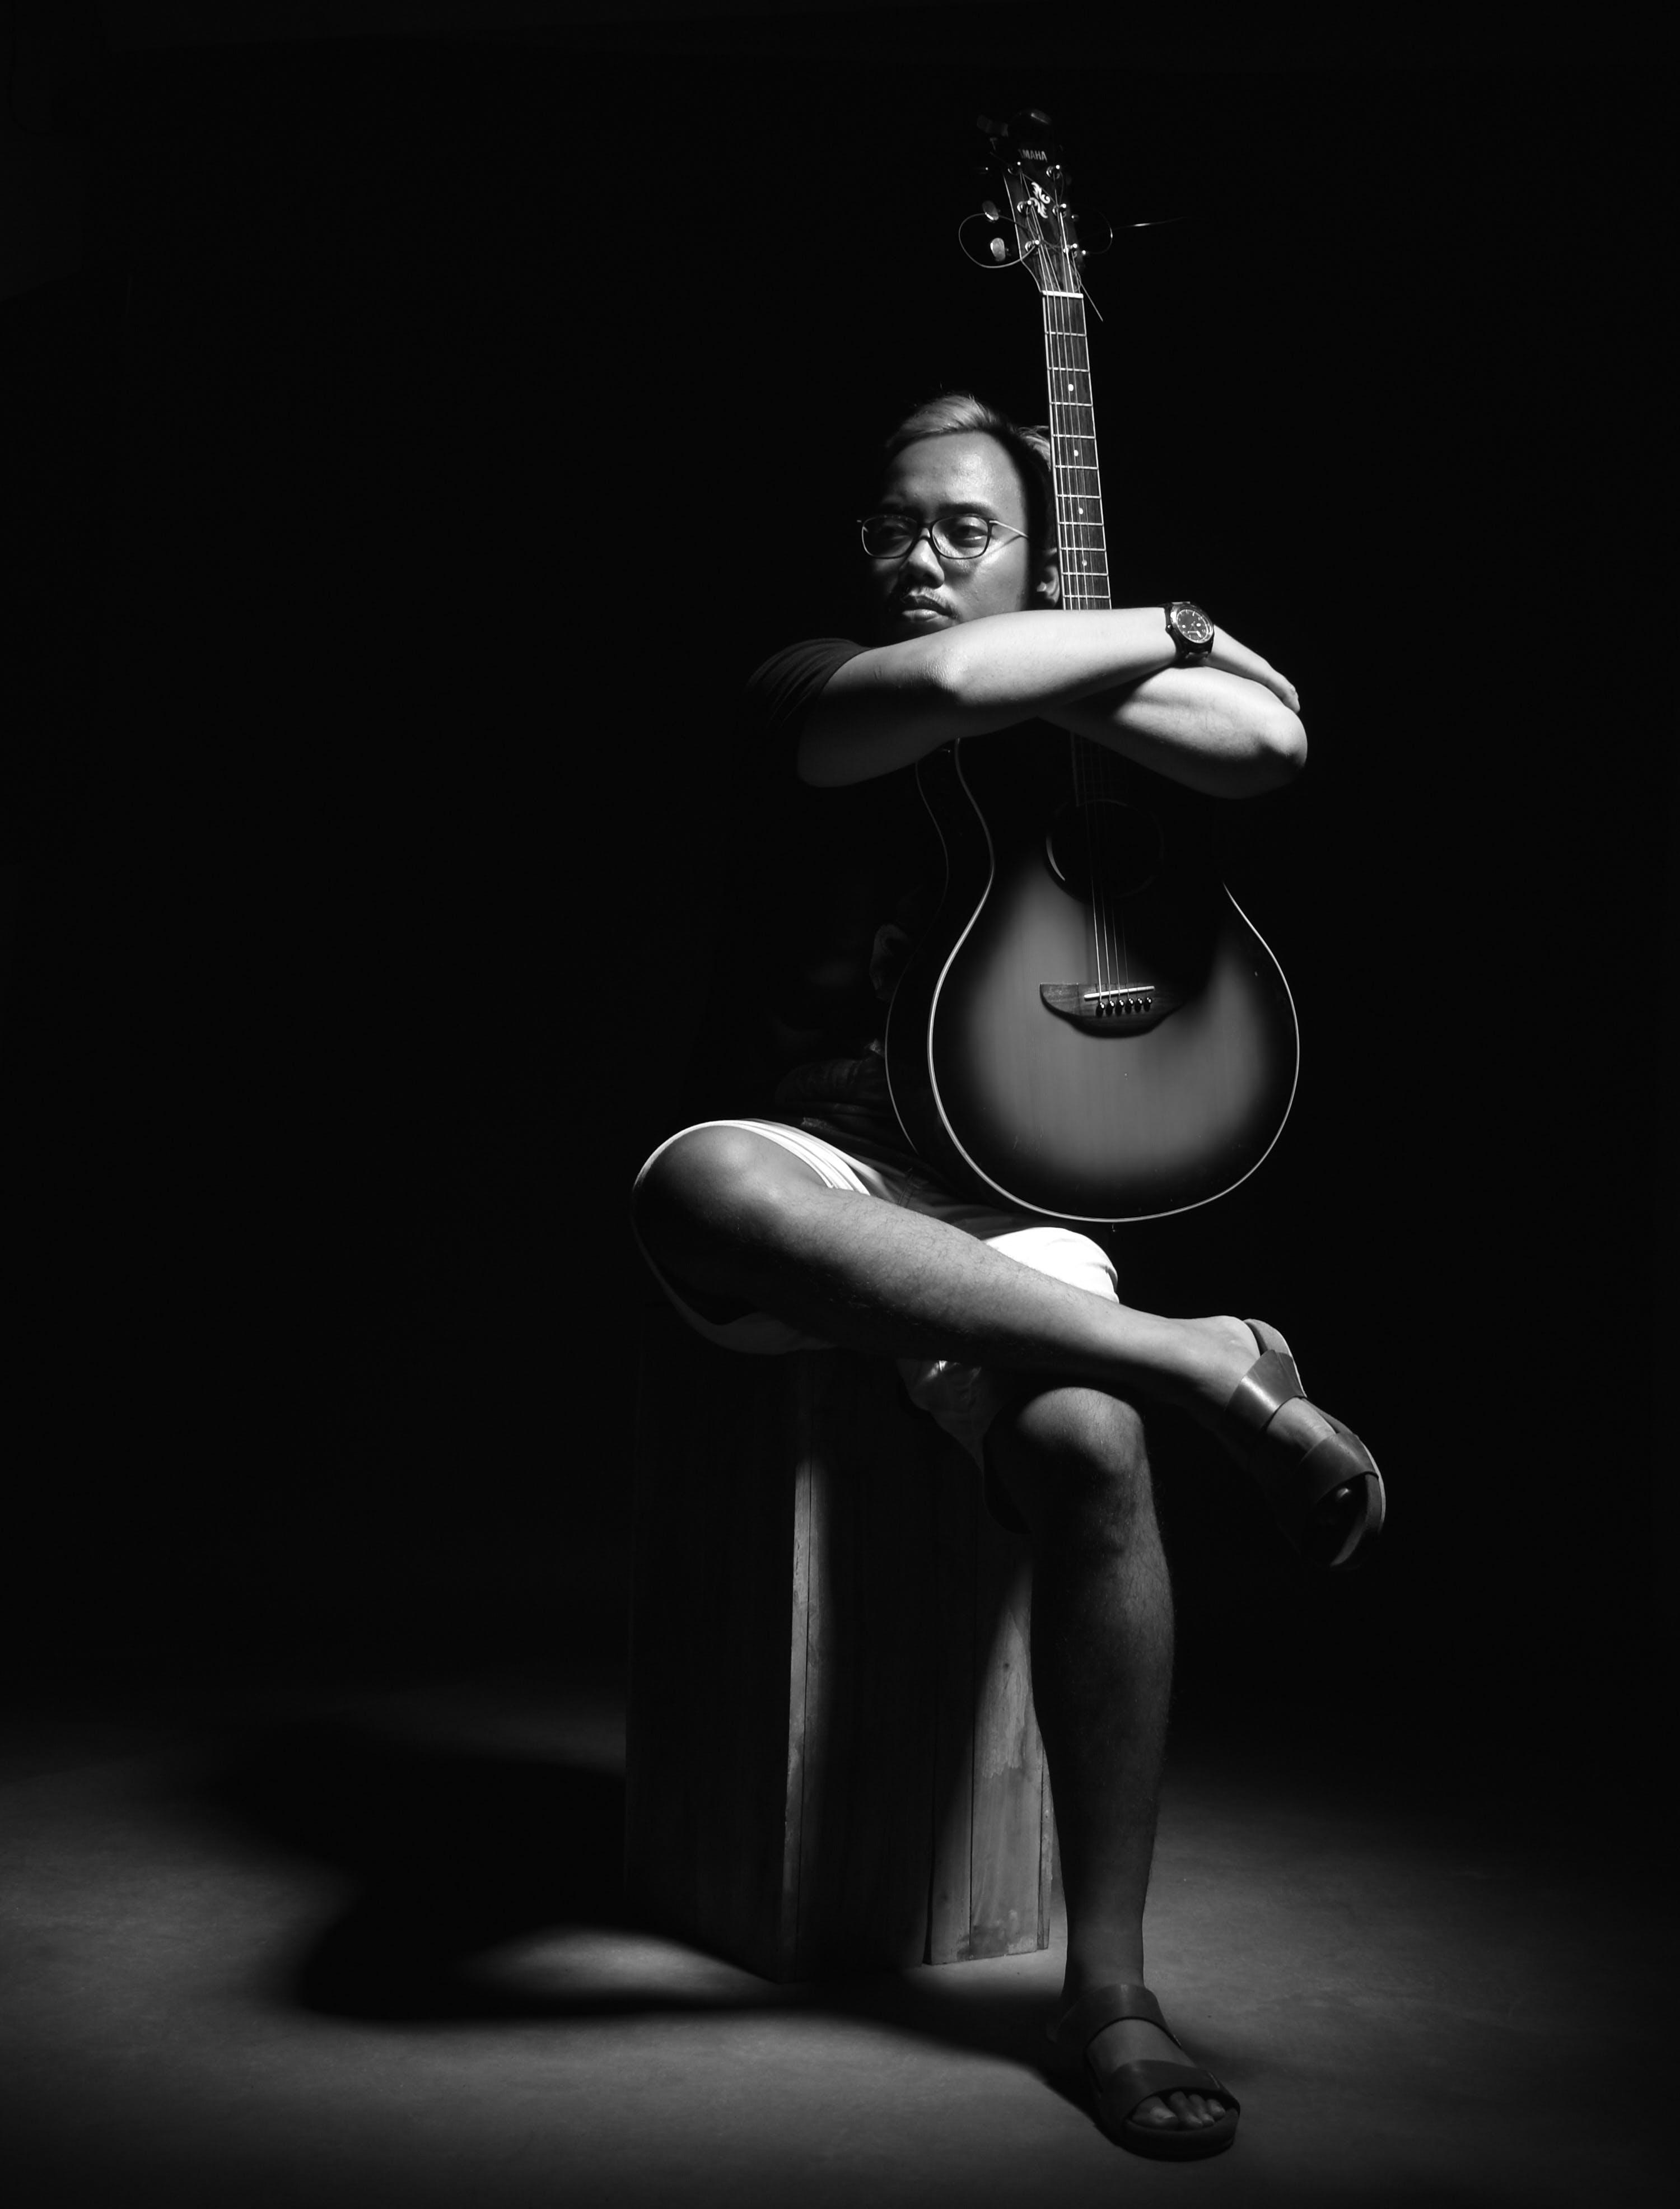 Fotos de stock gratuitas de blanco y negro, guitarra, instrumento de cuerda, instrumento musical